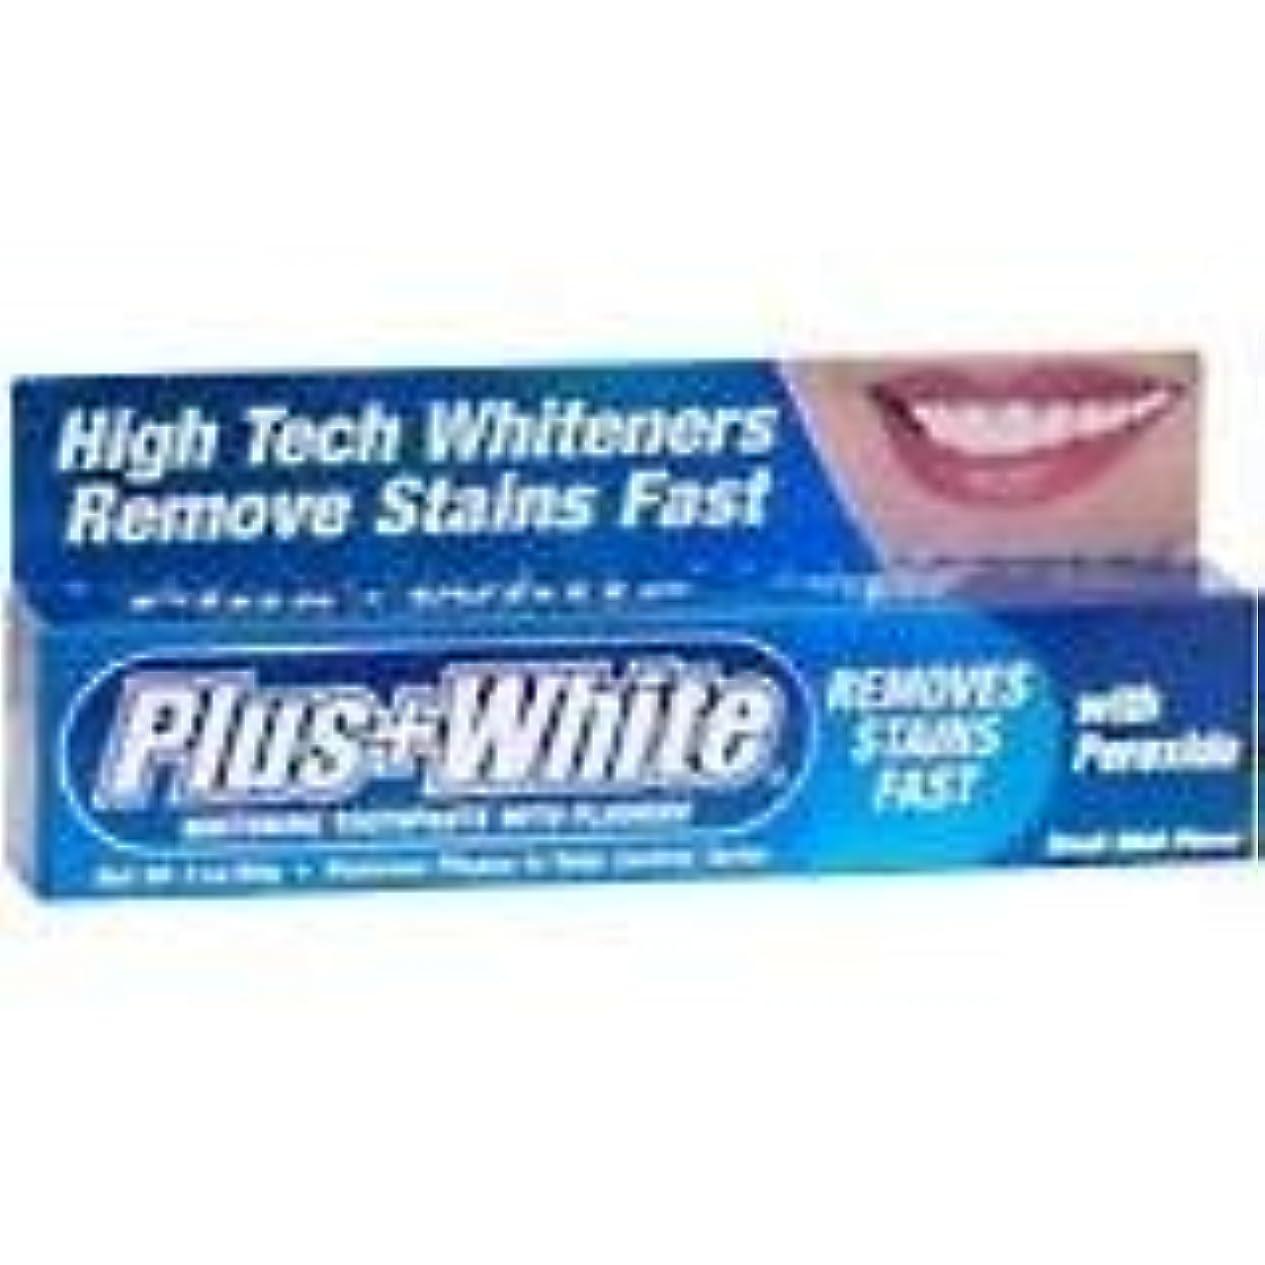 満了寄稿者日付付きPlus White 過酸化物とエクストラホワイトニング歯磨き(1パック)